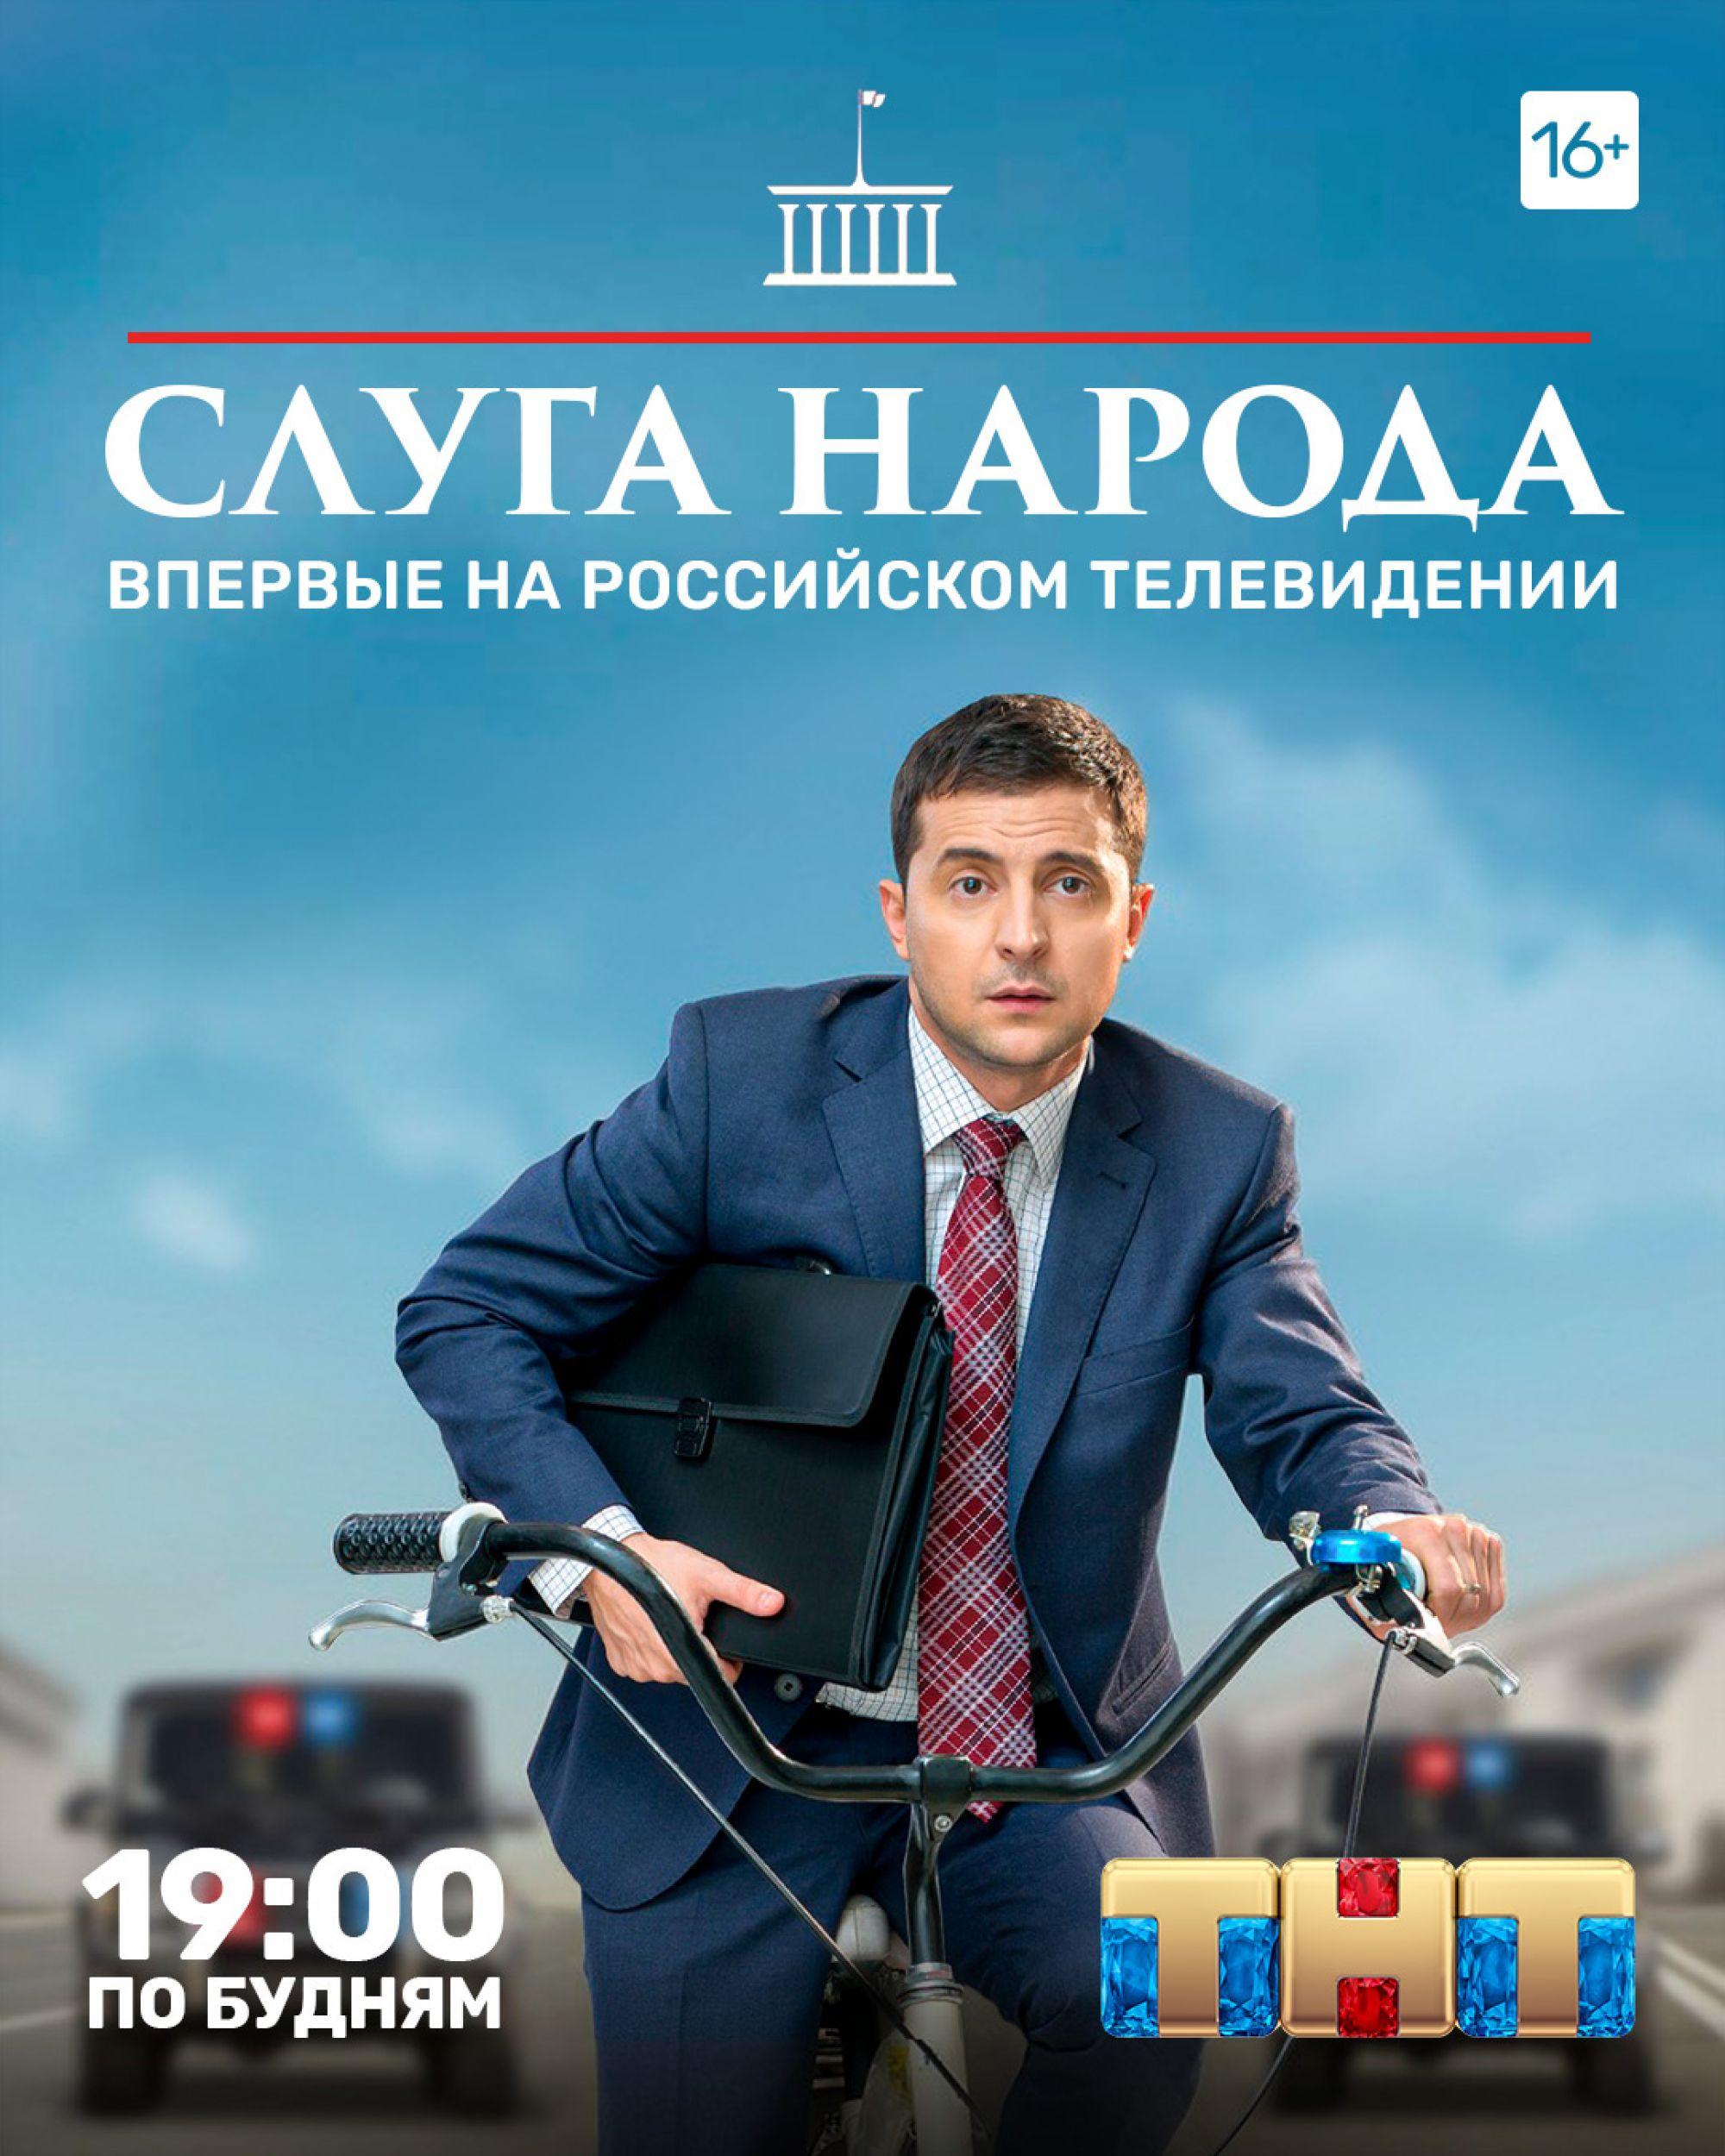 Зеленский отреагировал на прекращение показа сериала «Слуга народа» на «ТНТ»